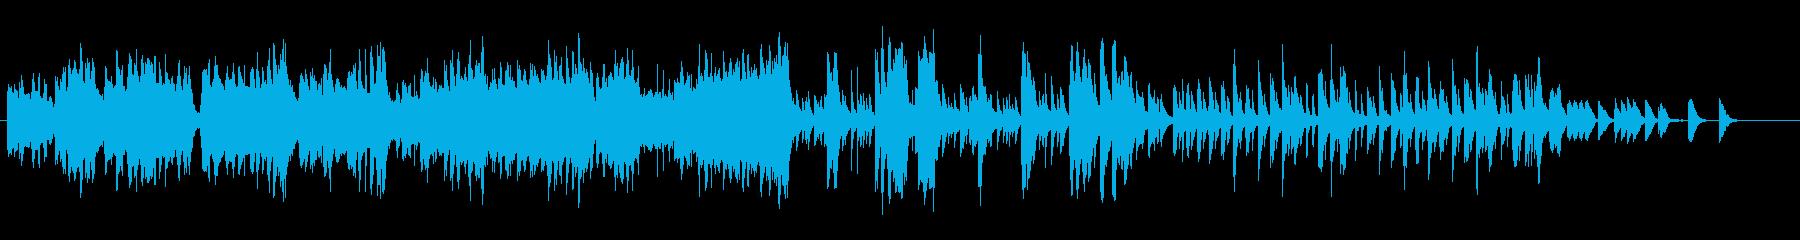 えらい人がご立腹な様子を表したコミカル曲の再生済みの波形